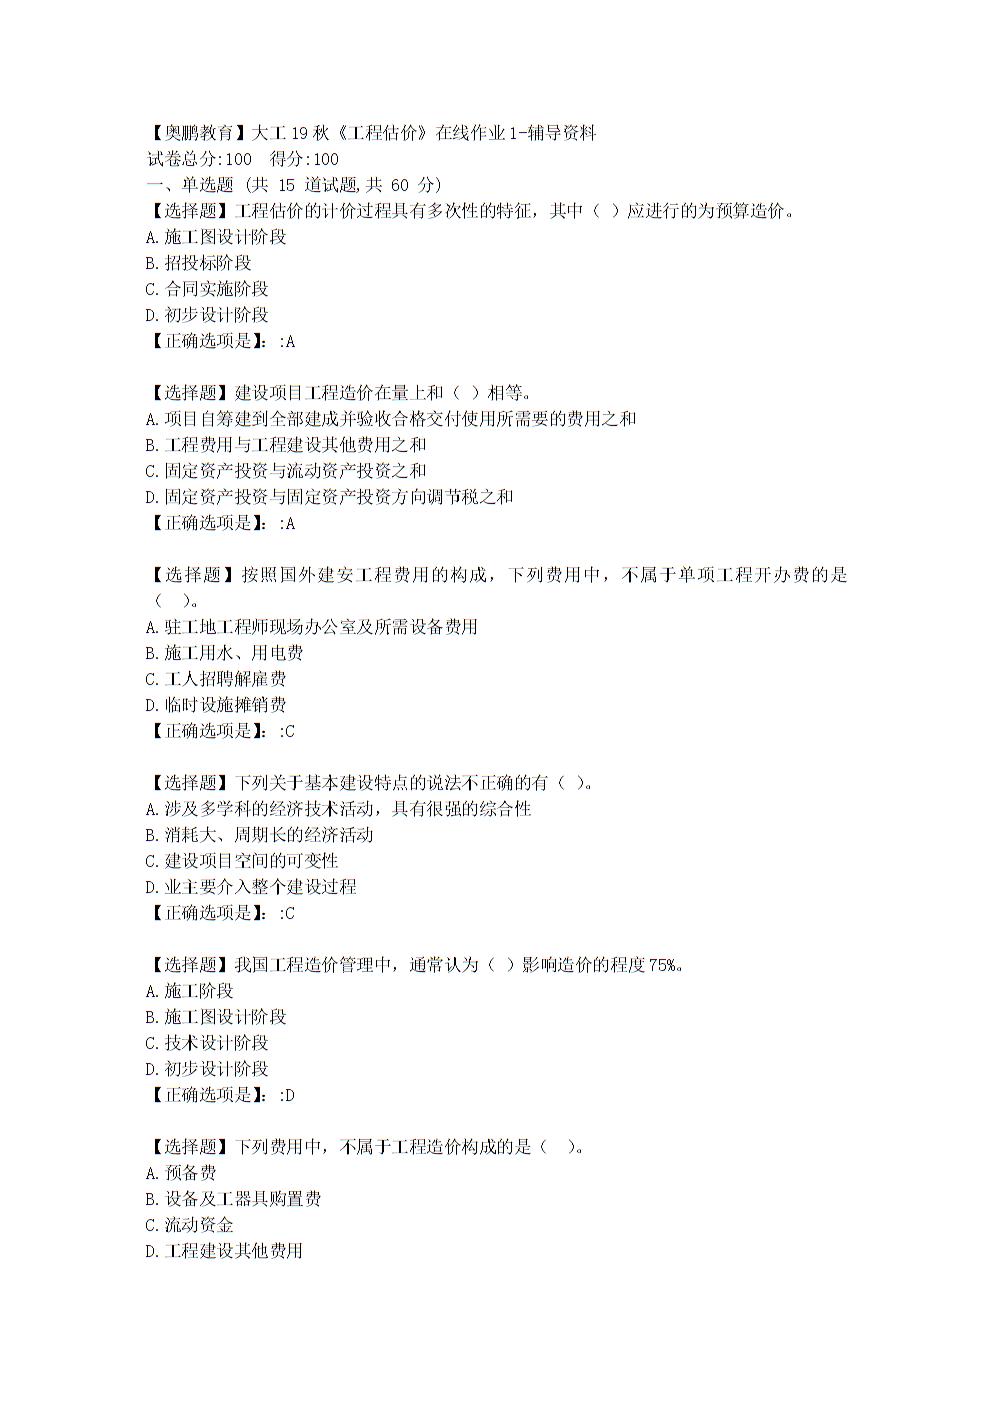 大连理工大学19秋《工程估价》在线作业1学习资料.doc